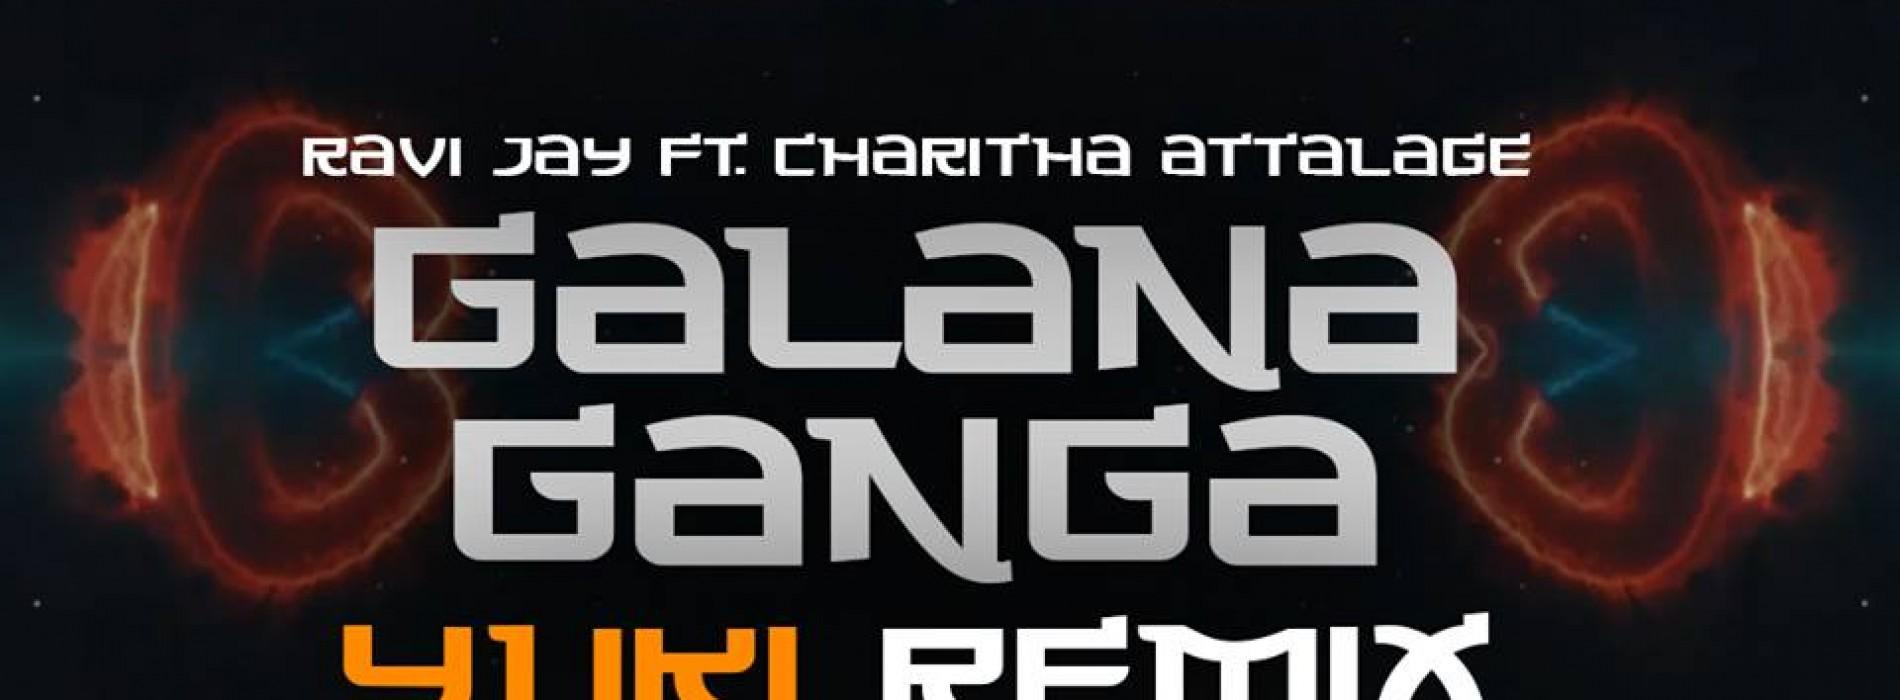 Ravi Jay Ft Charitha Attalage – Galana Ganga (Remixed by YUKI)